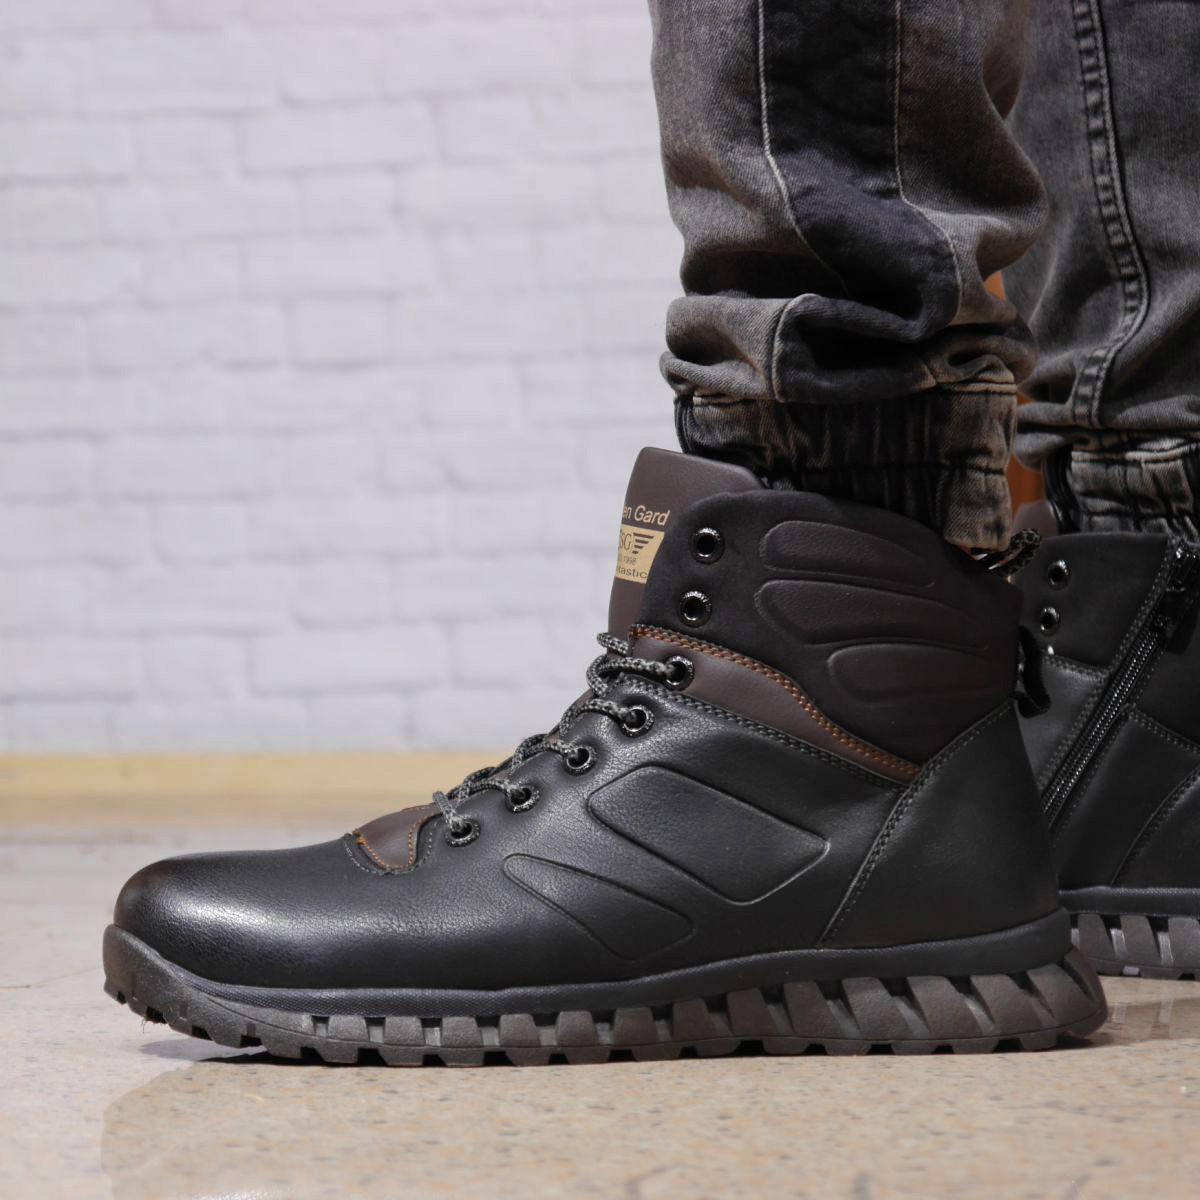 Зимние мужские ботинки 31882, SG (на меху, в коробке), черные, [ 40 41 42 43 44 45 ] р. 40-26,5см. 43